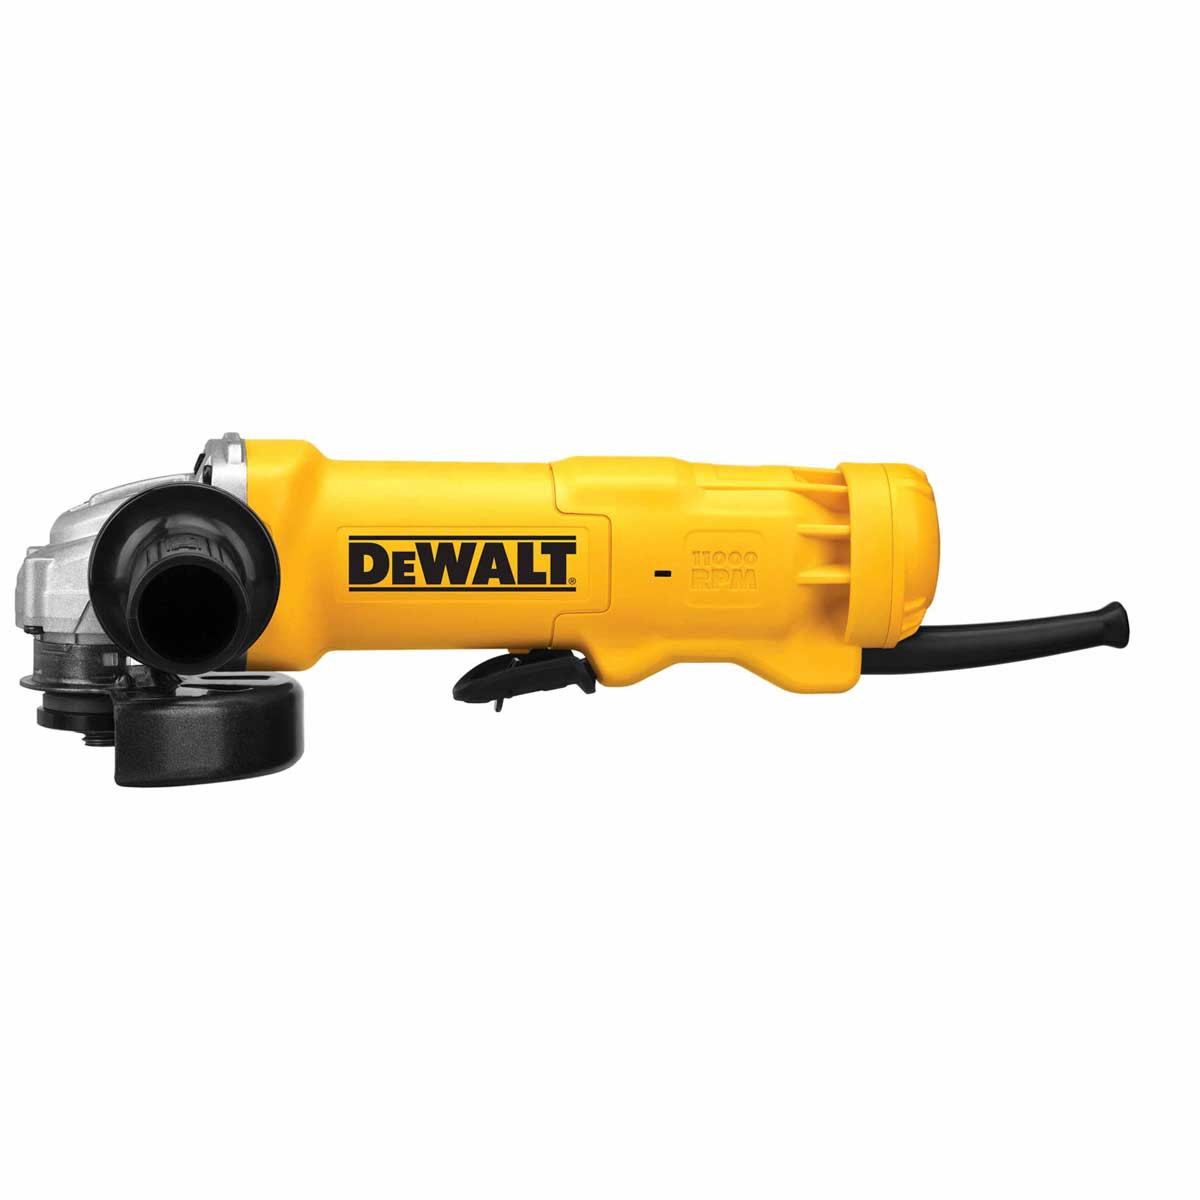 DWE402N Dewalt 4-1/2 inch Small Angle Grinder 2